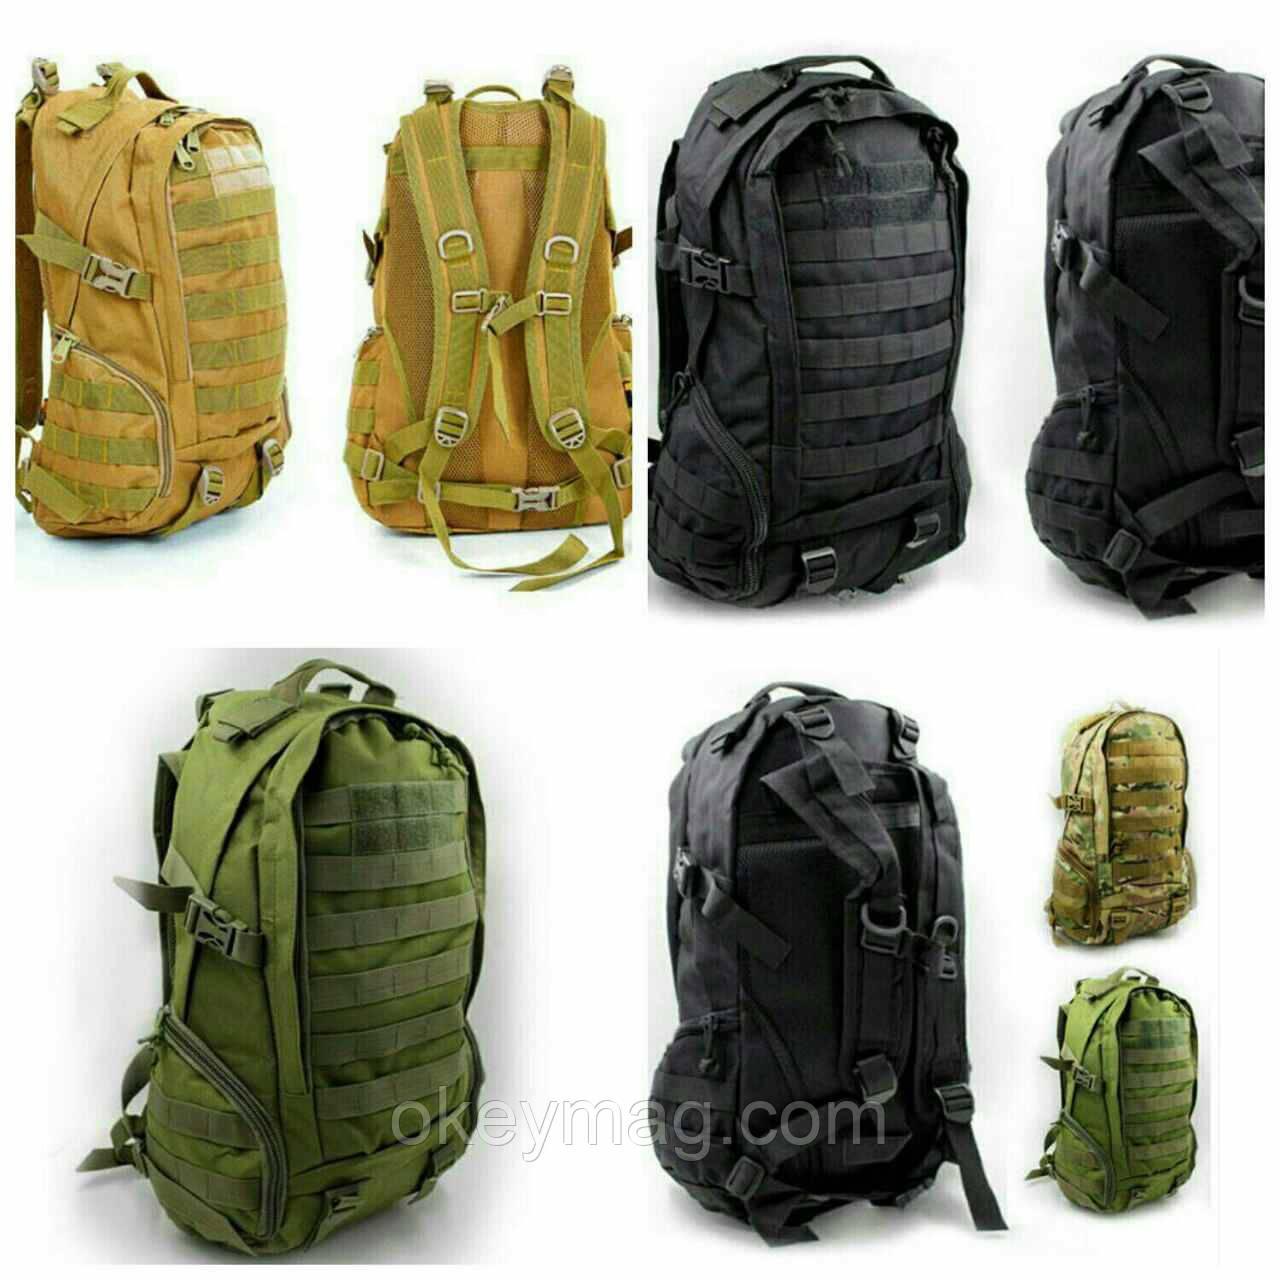 Тактический рюкзак купить в киеве купить школьный рюкзак для первоклассника в спб